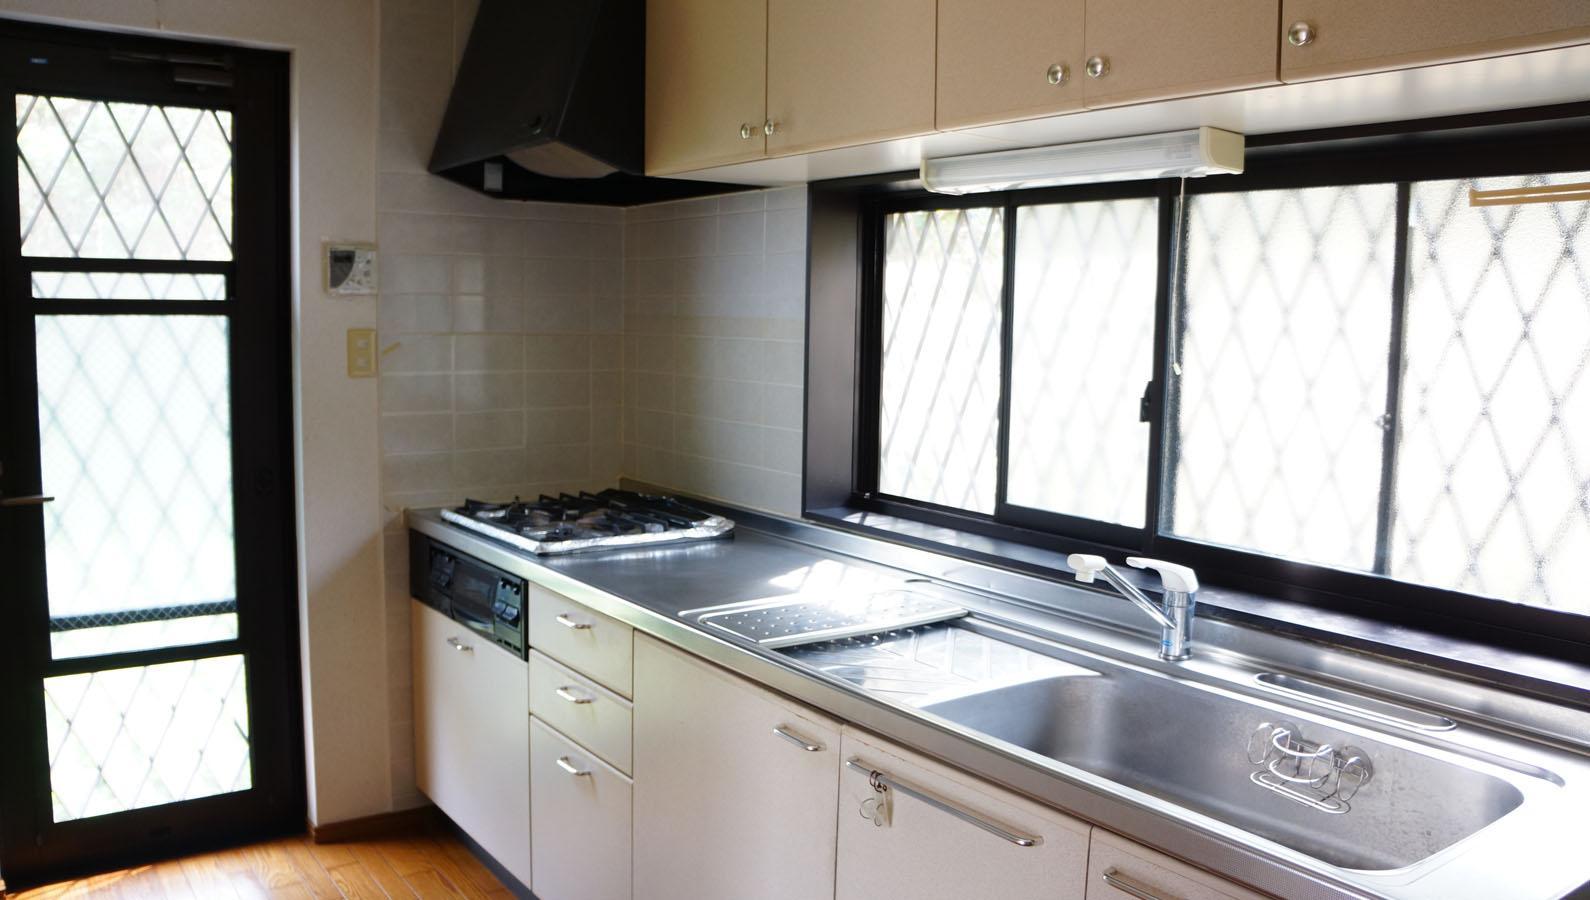 独立した幅広いキッチンは使い勝手が良さそう